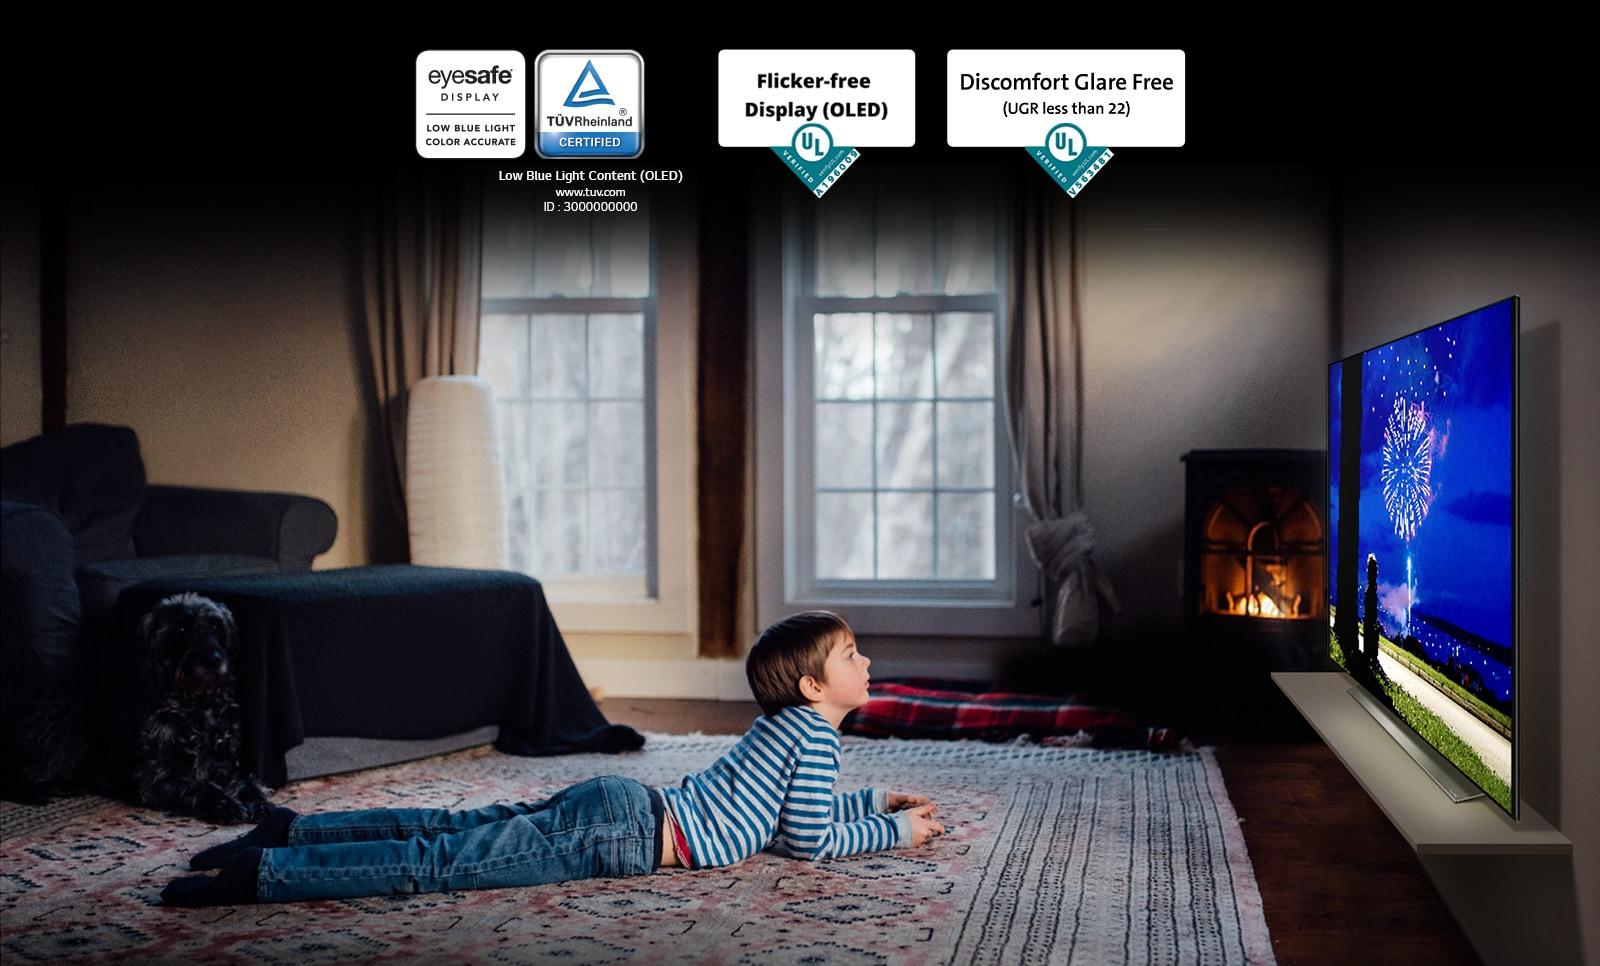 Tarjeta que describe «Guardián Ocular». Escena de un chico mirando la televisión en posición boca abajo. Se han colocado cuatro logos para la certificación «Guardián Ocular».